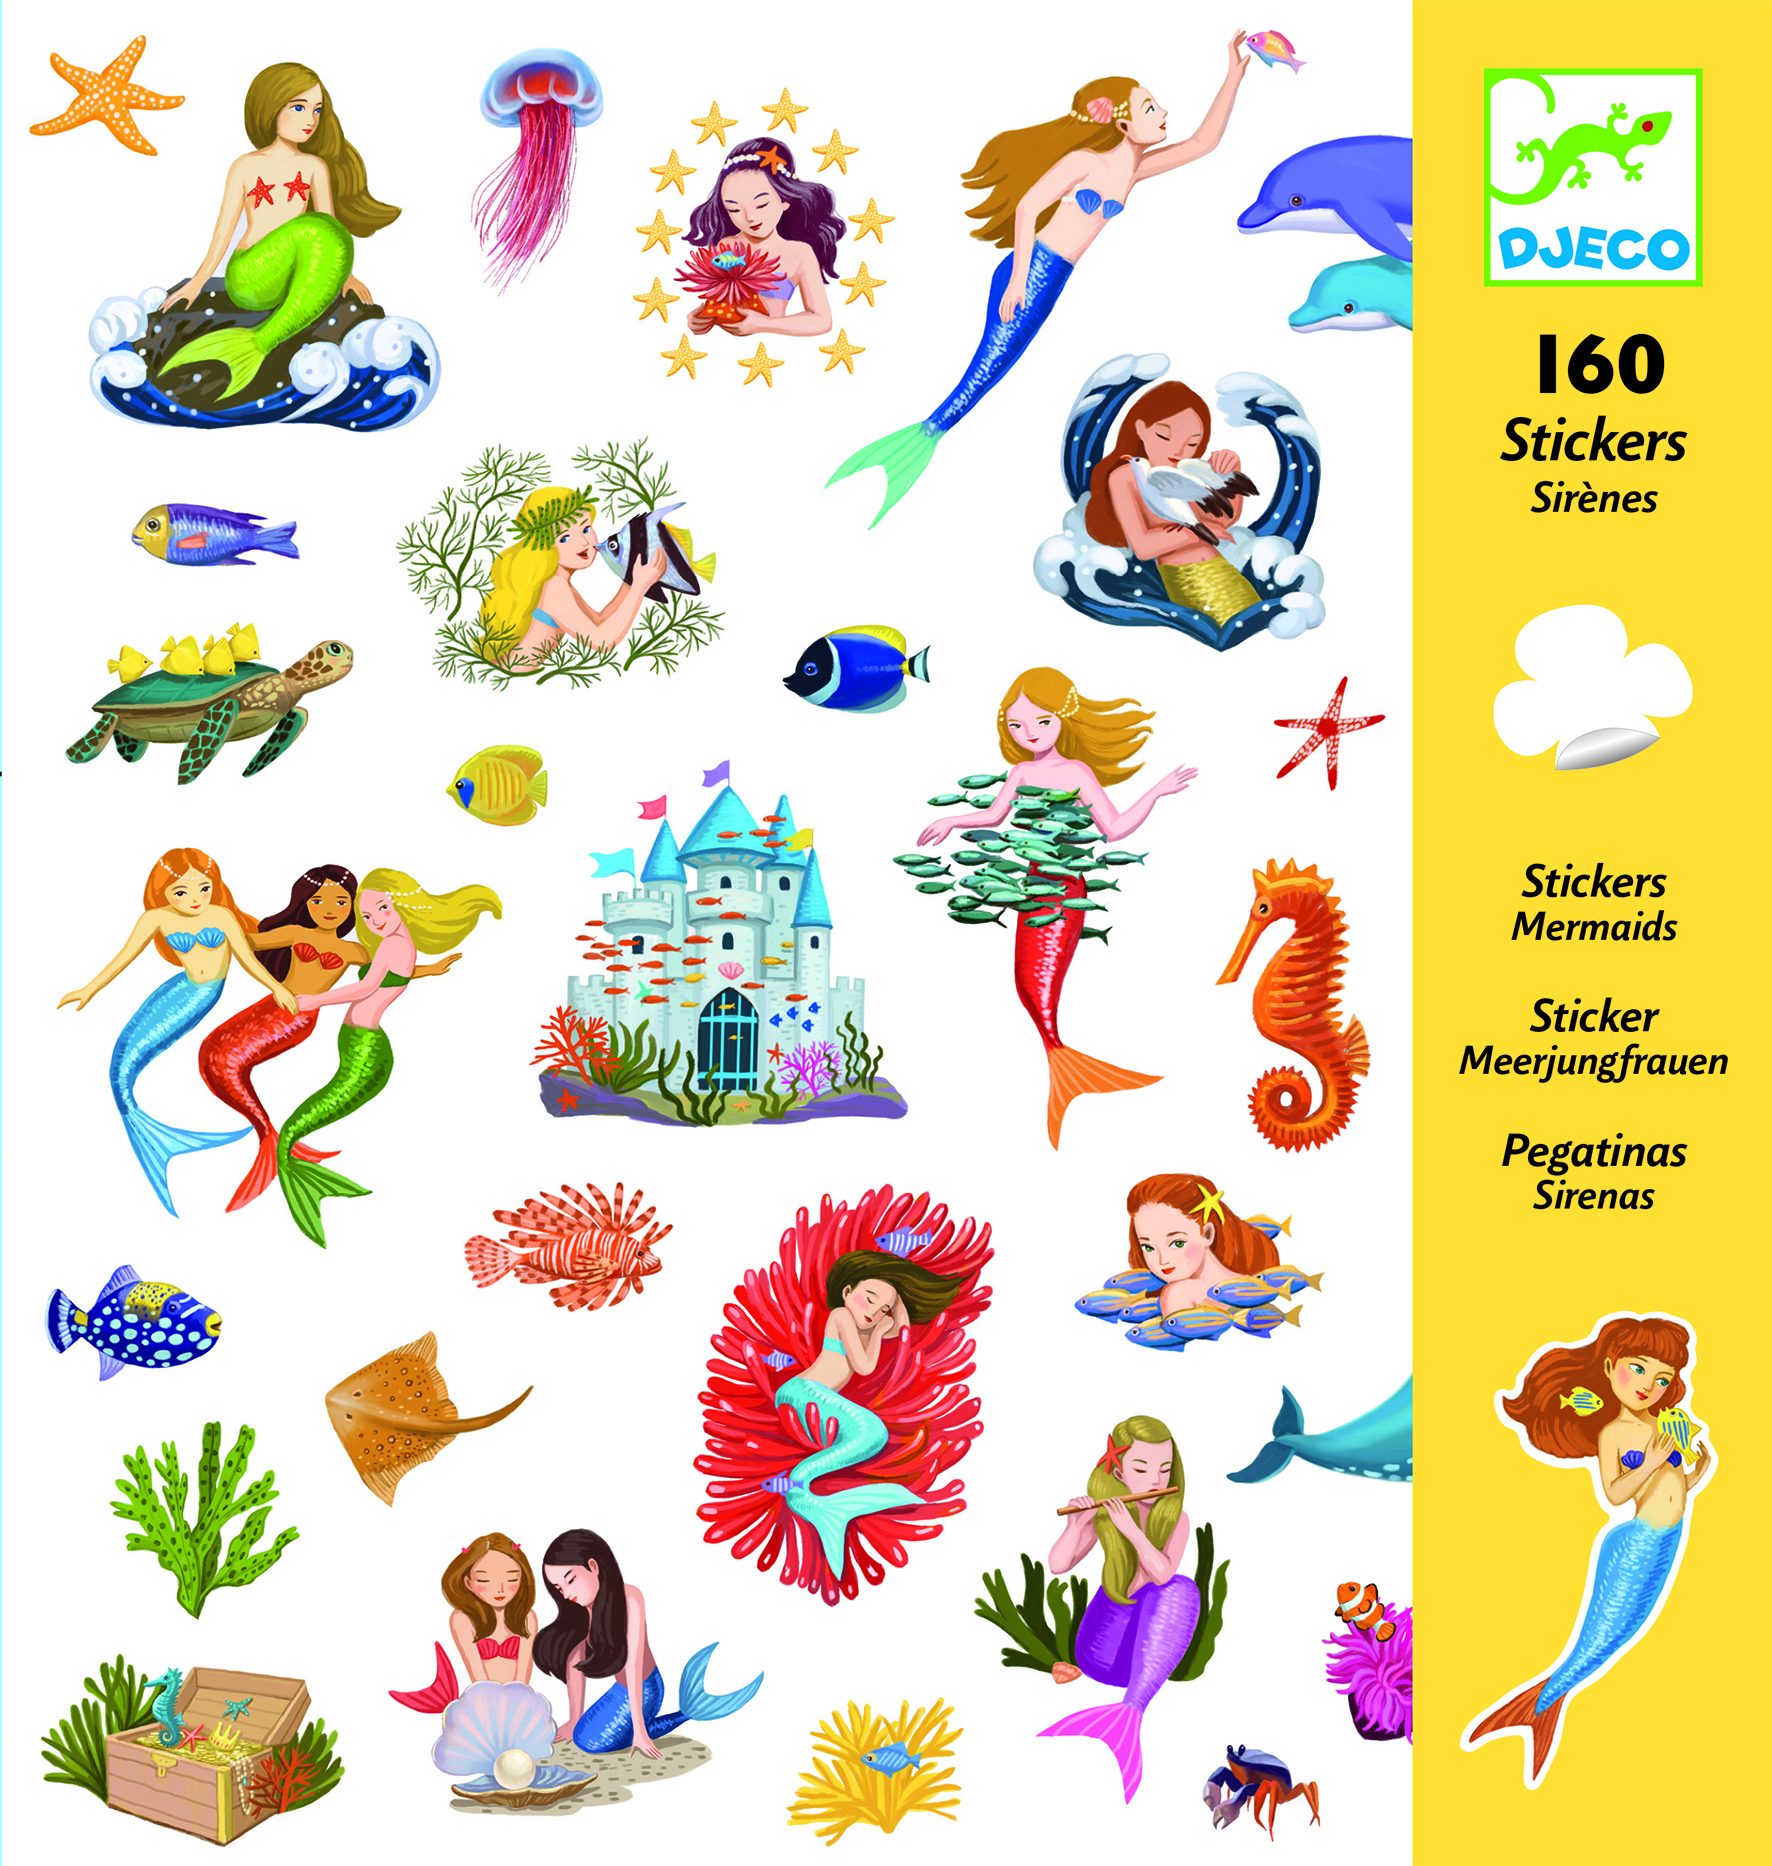 Abtibilduri cu sirene colorate djeco imagine